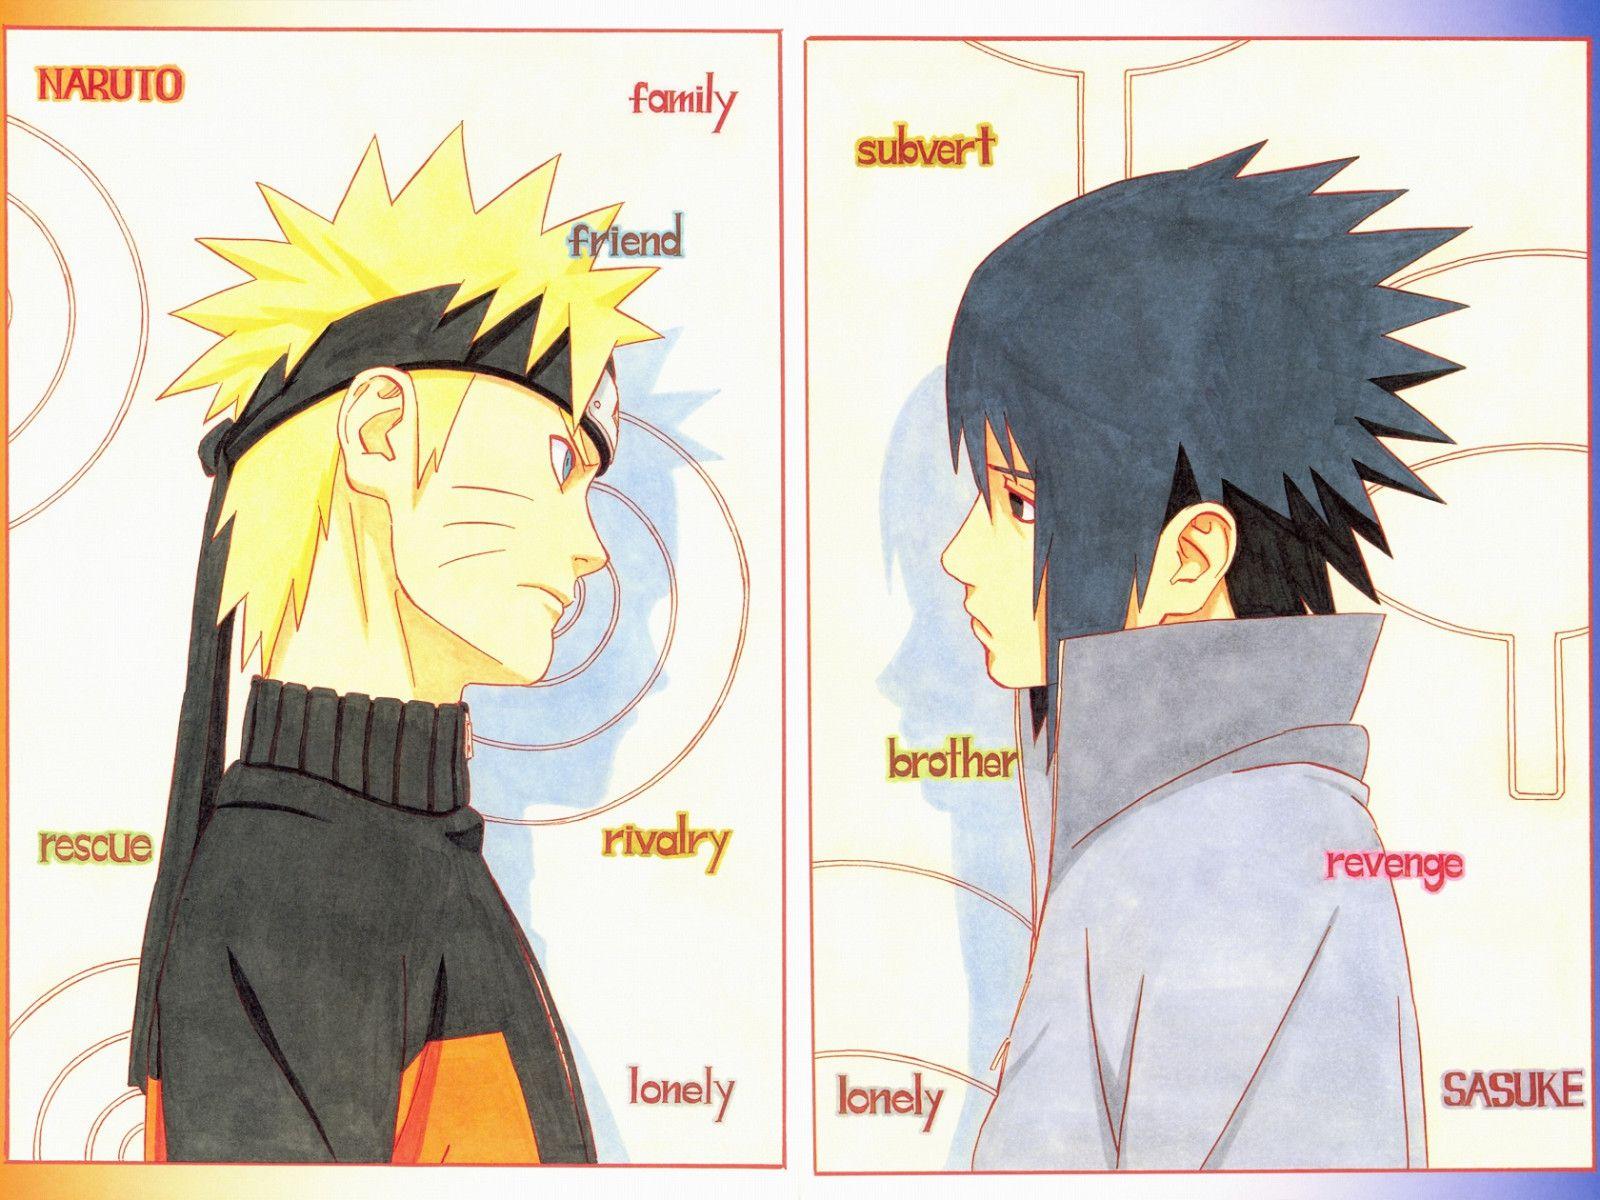 ナルト 壁紙 Naruto Wallpaper Naruto サスケ ナルト ナルト Naruto